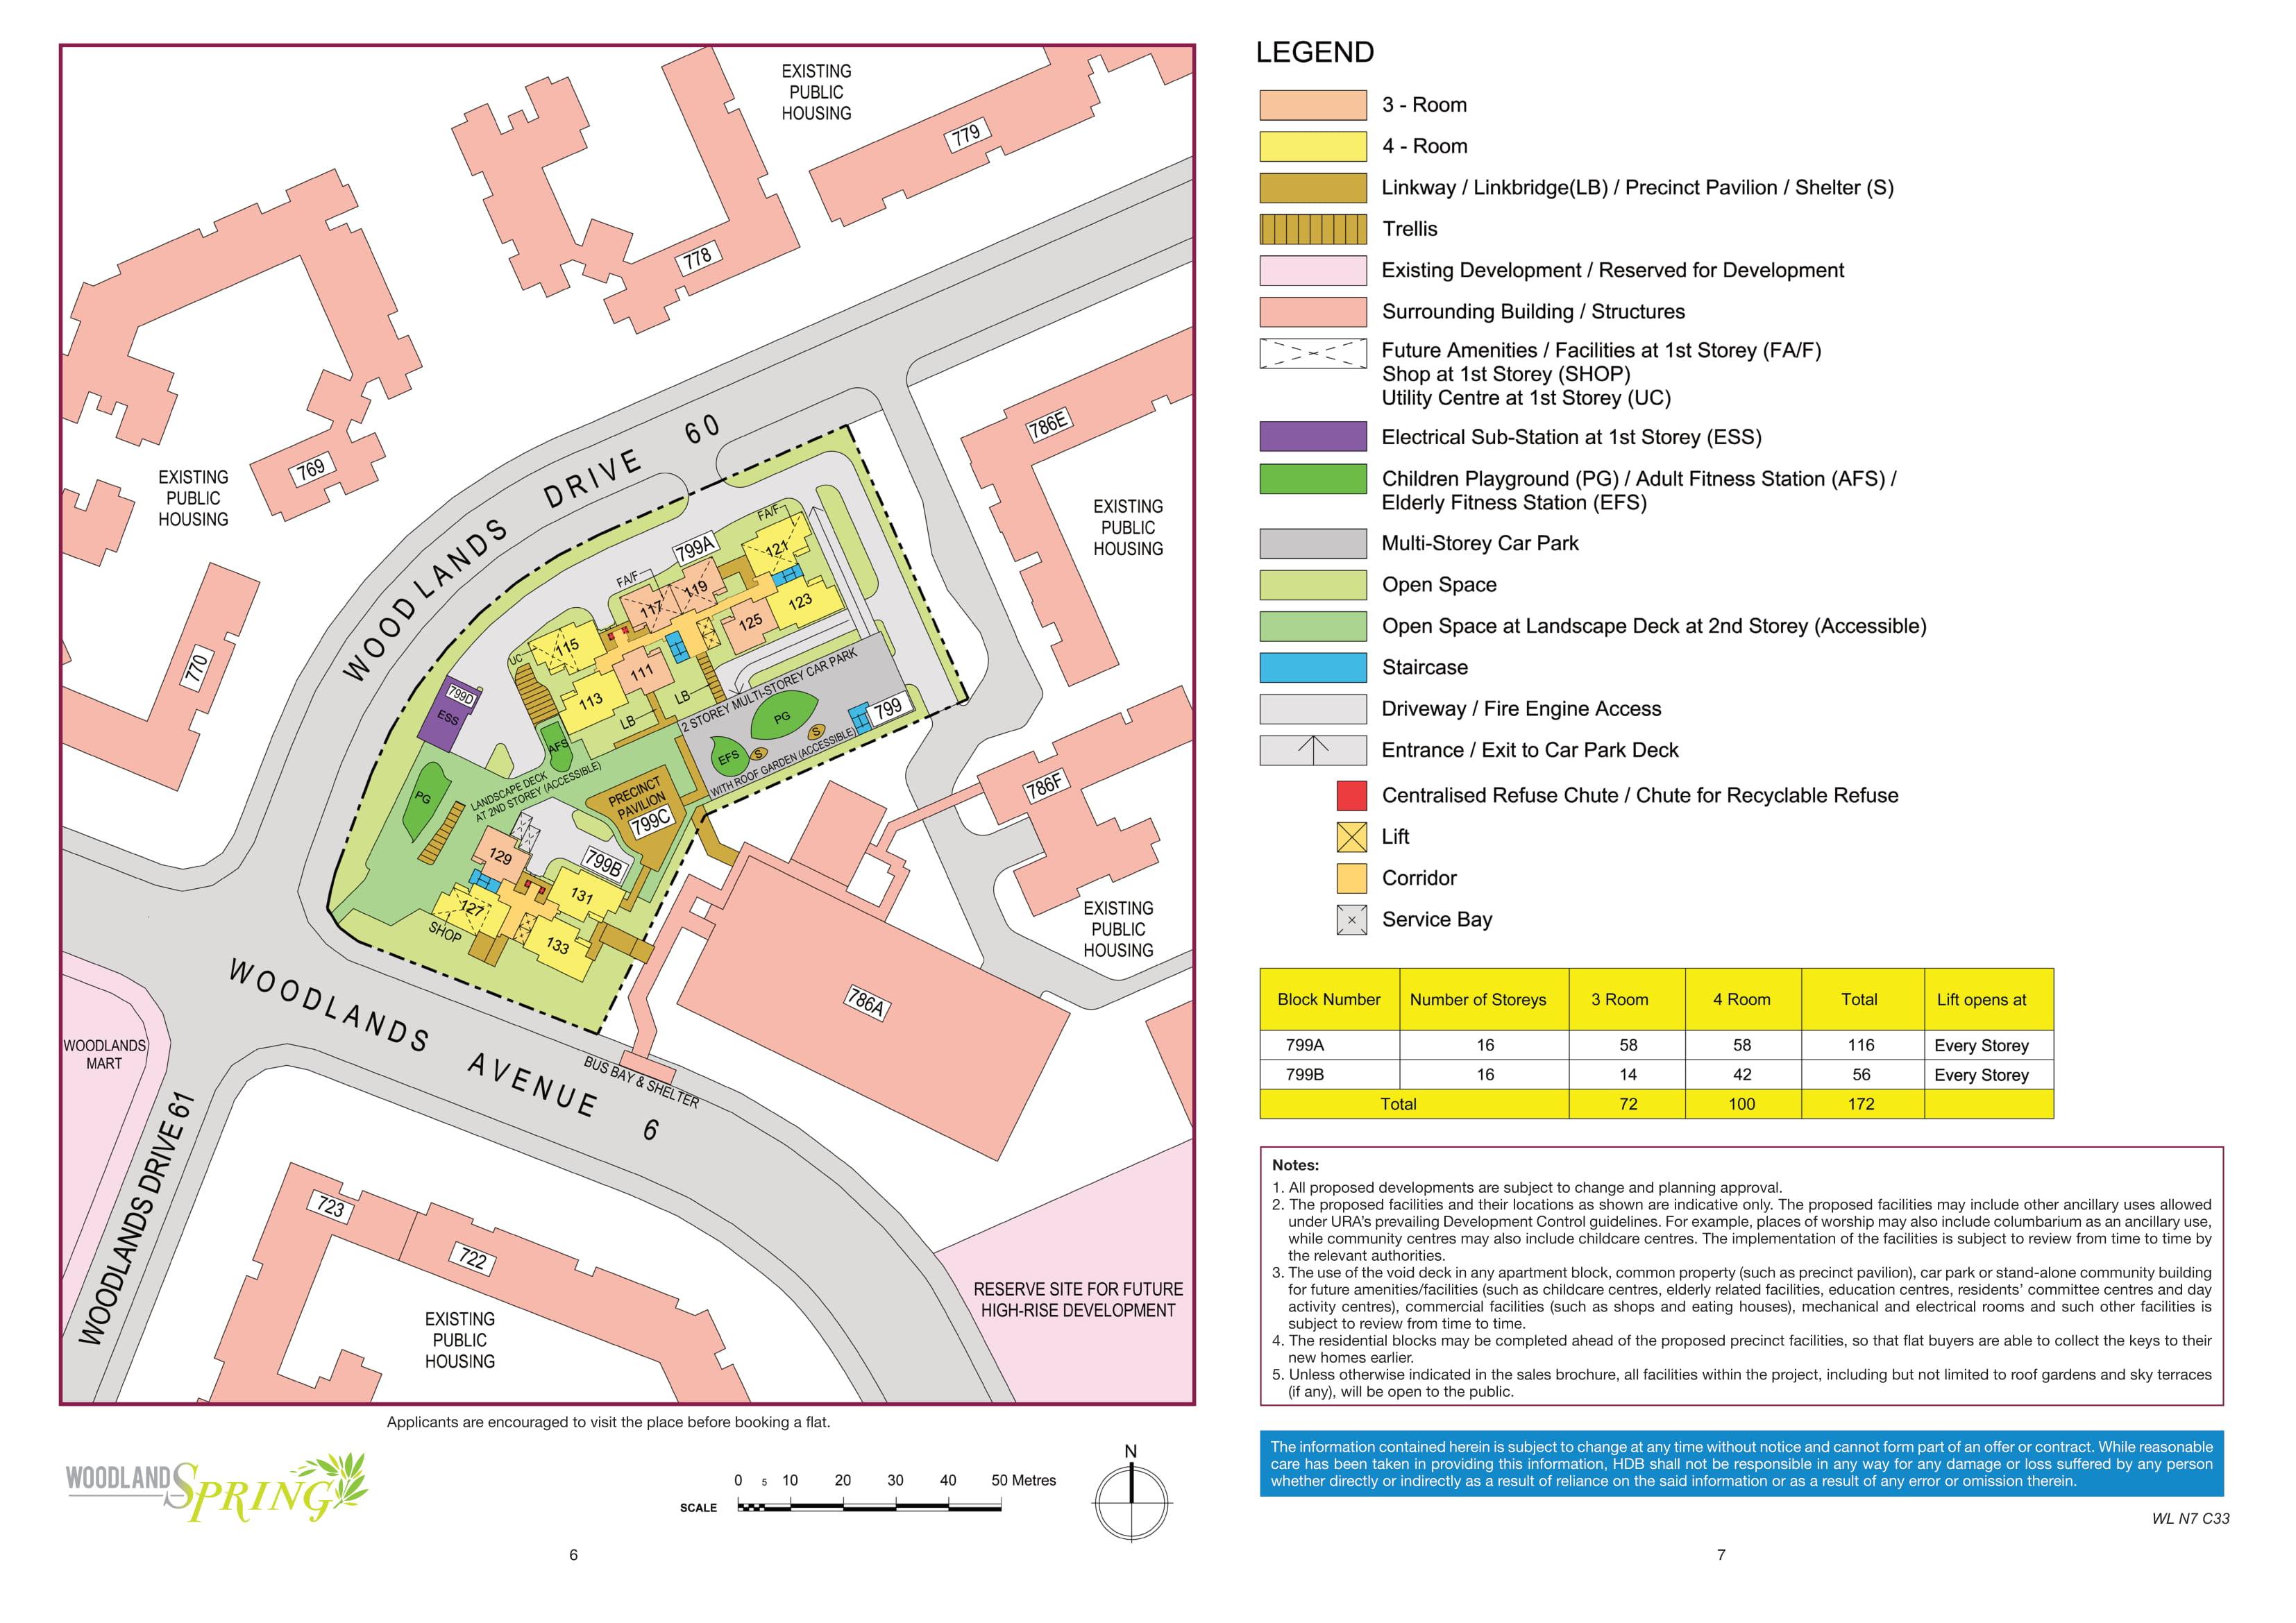 Woodlands Spring Site Plan